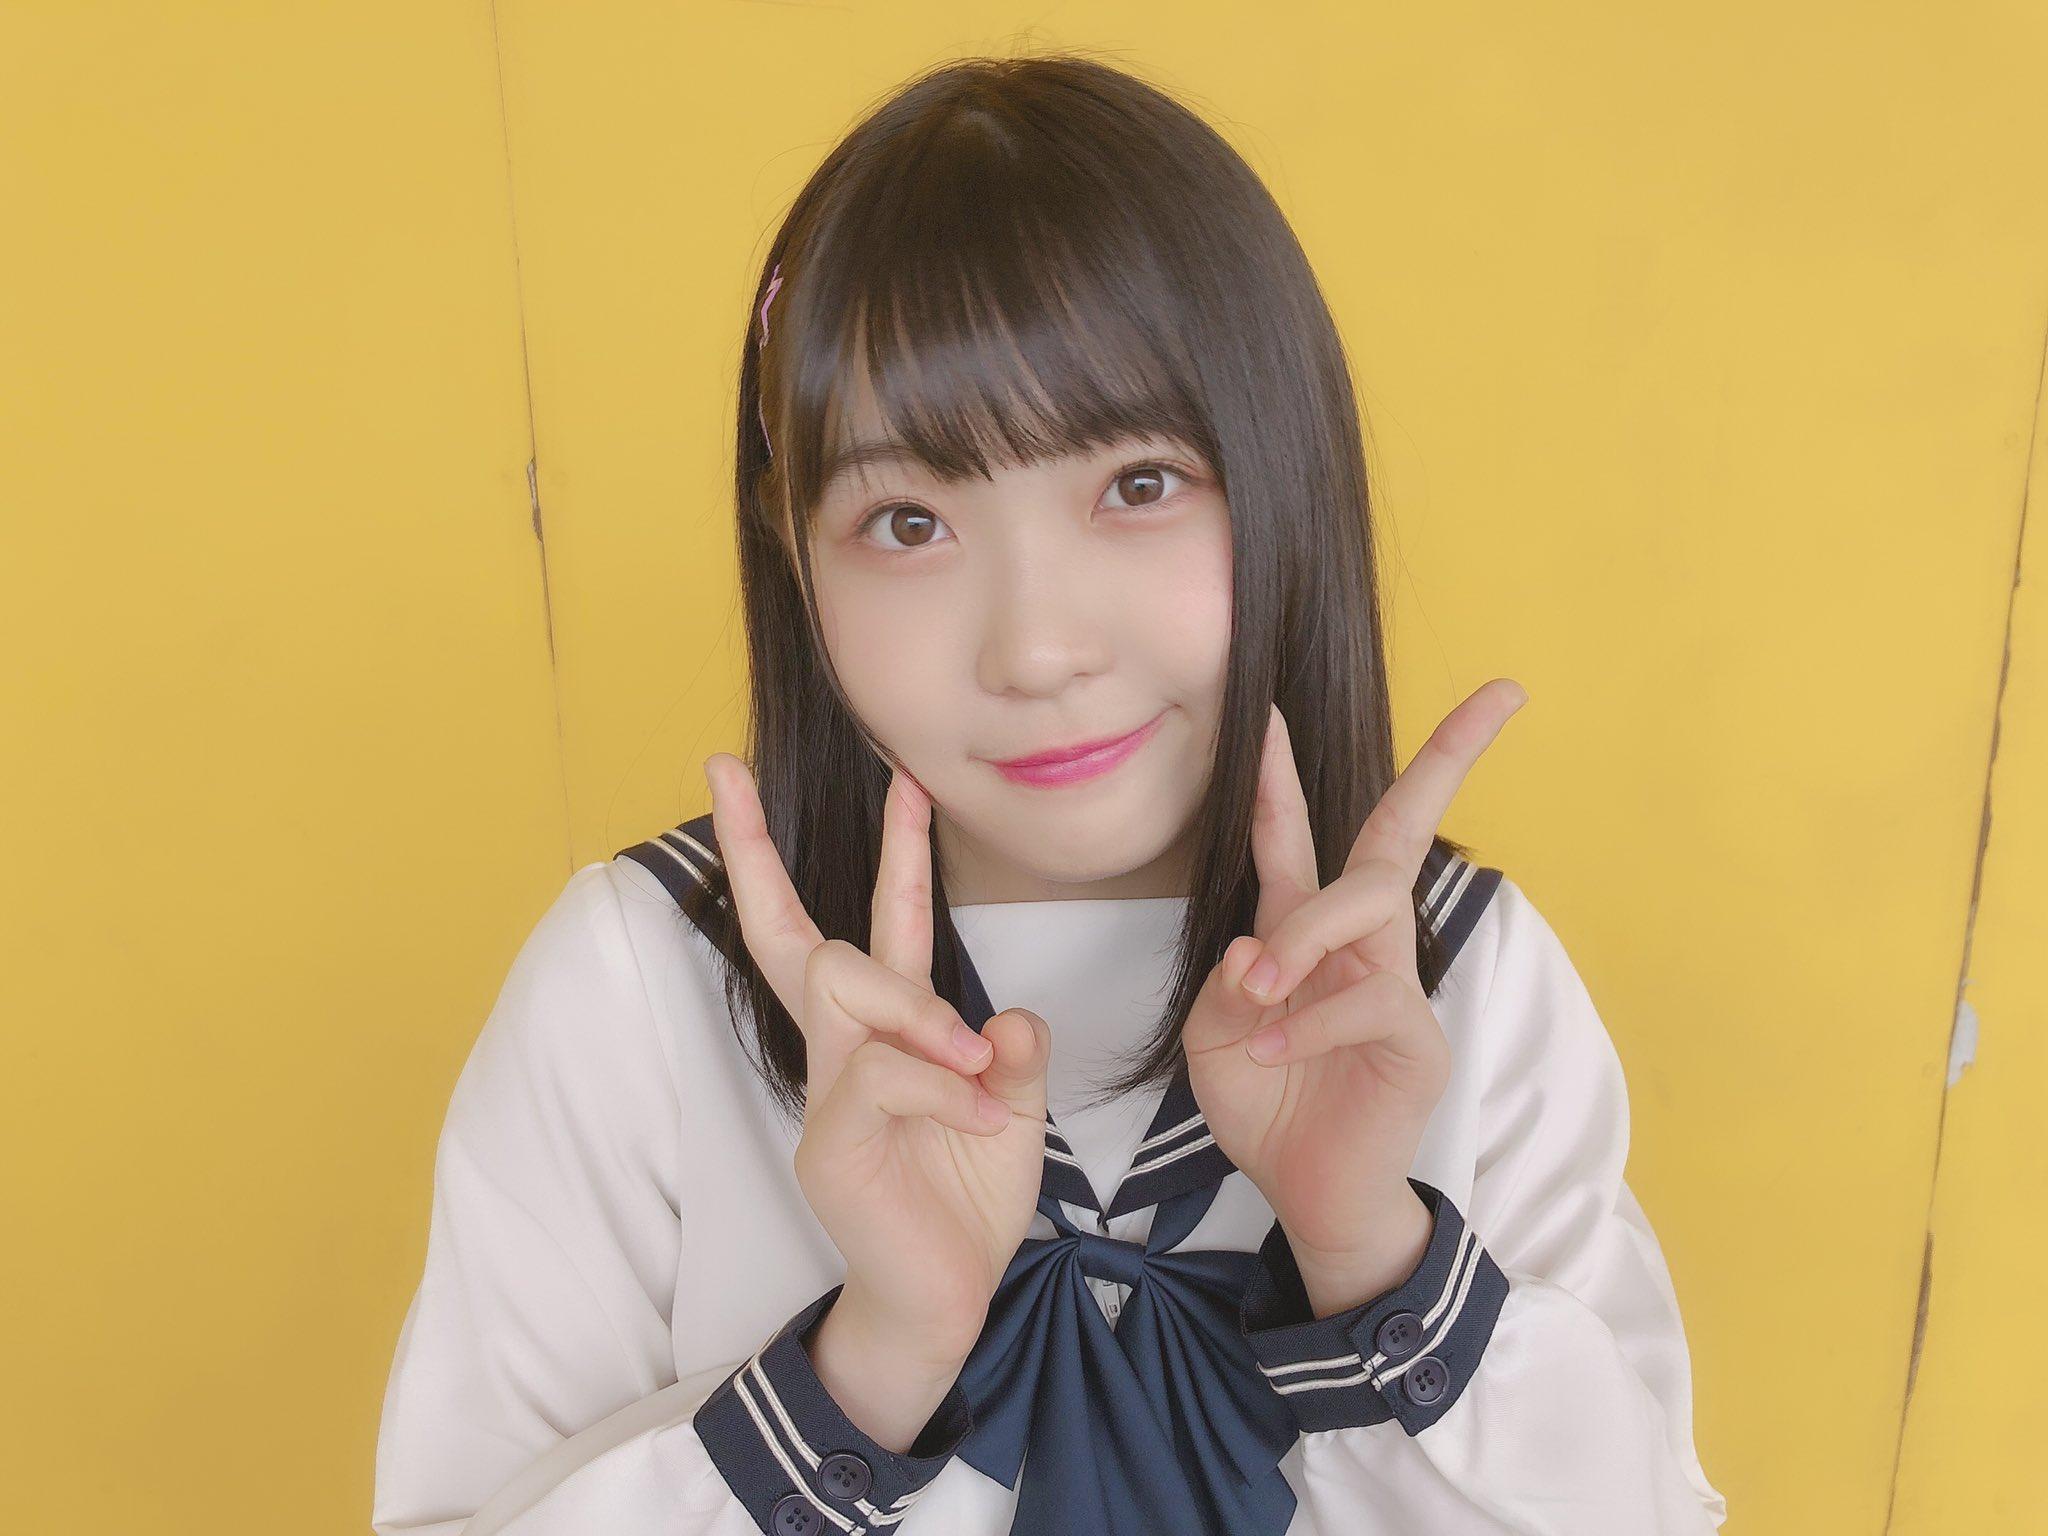 SKE48まとめろぐっ! : 浅井裕華「今日から同じクラスになる 浅井裕華って言います」